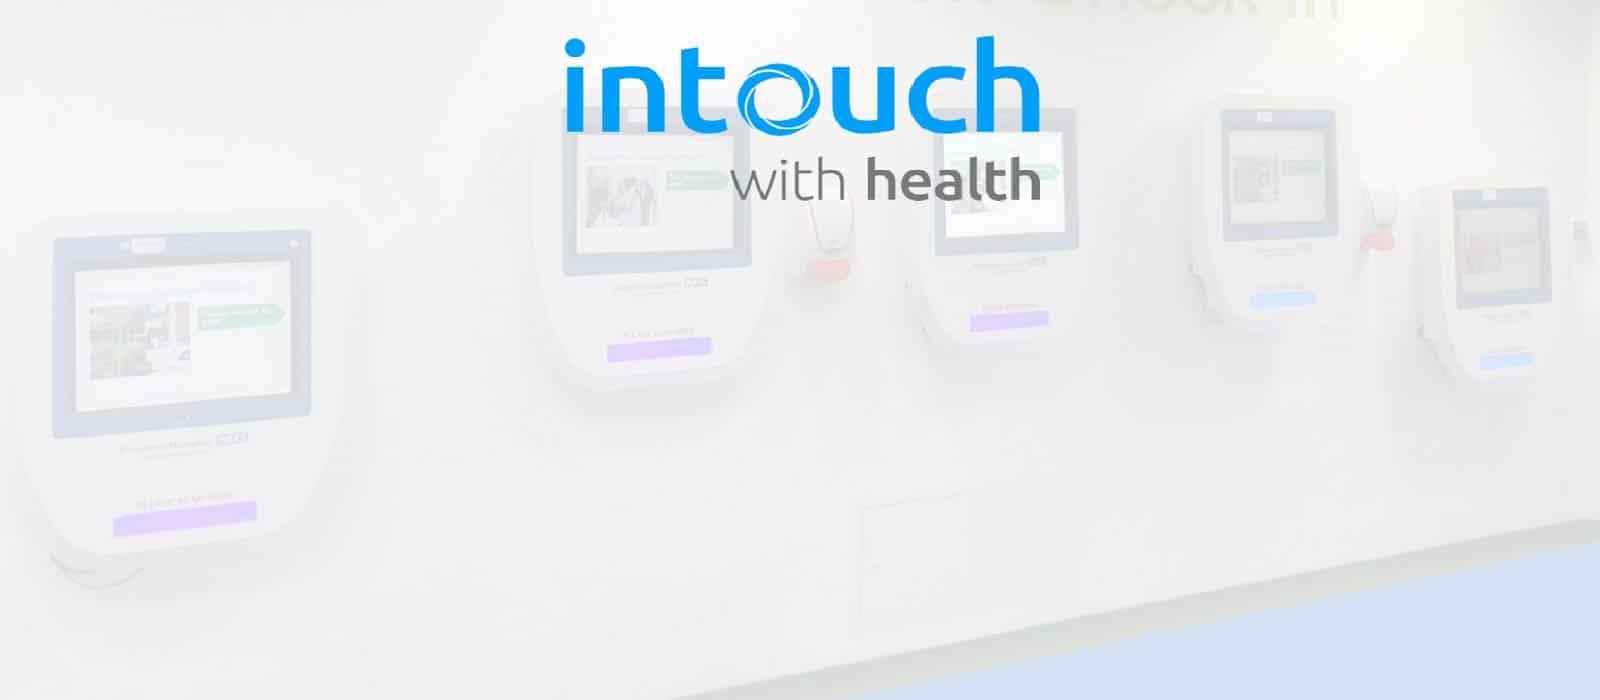 Parceria entre Intouch with Health e SISQUAL para o Serviço Nacional de Saúde no Reino Unido